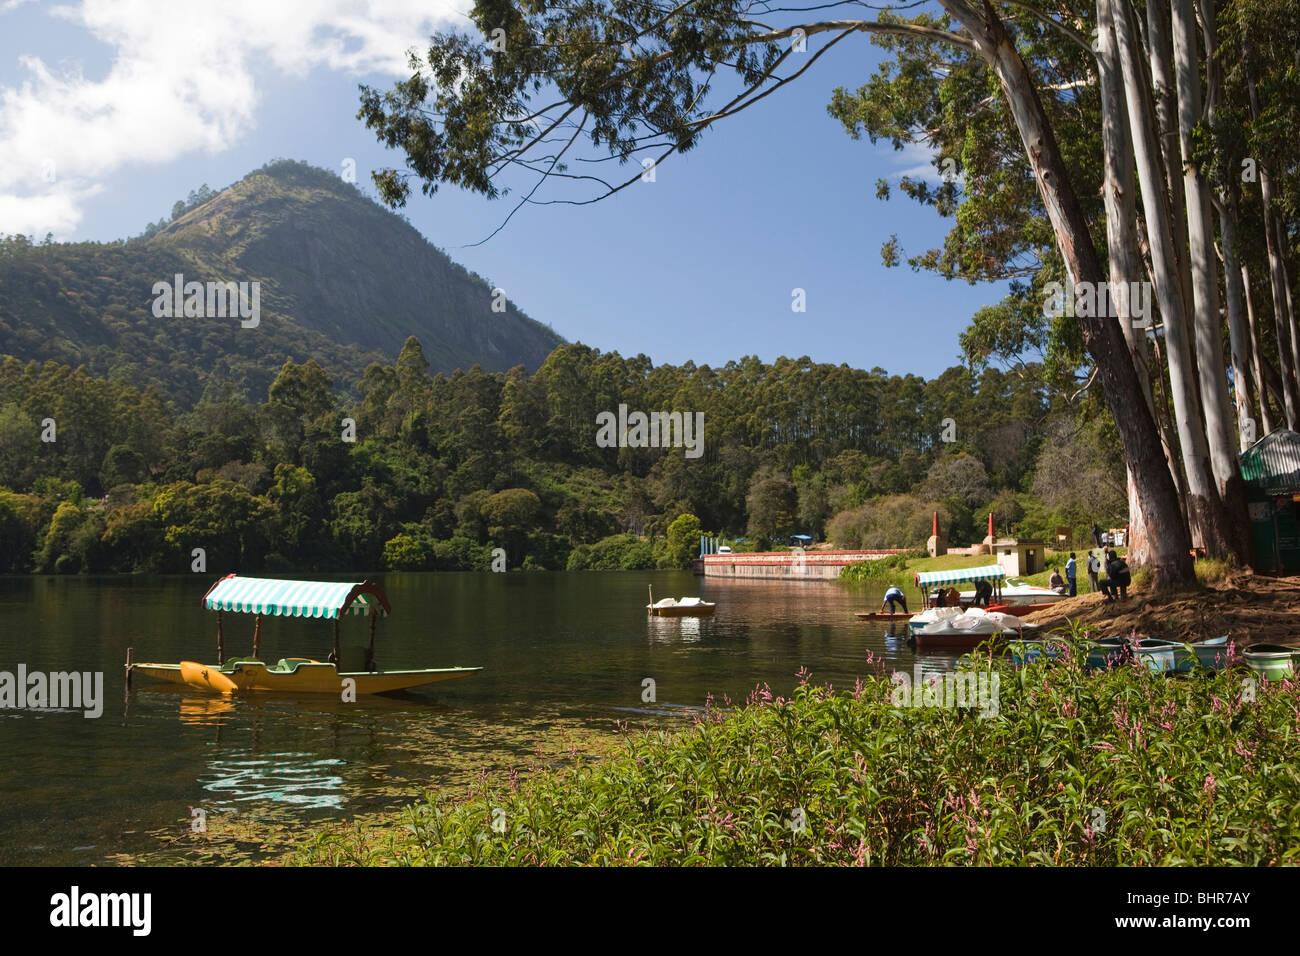 India, Kerala, Munnar, Kundala Lake, shikara Kashmiri style rowing boats for hire - Stock Image